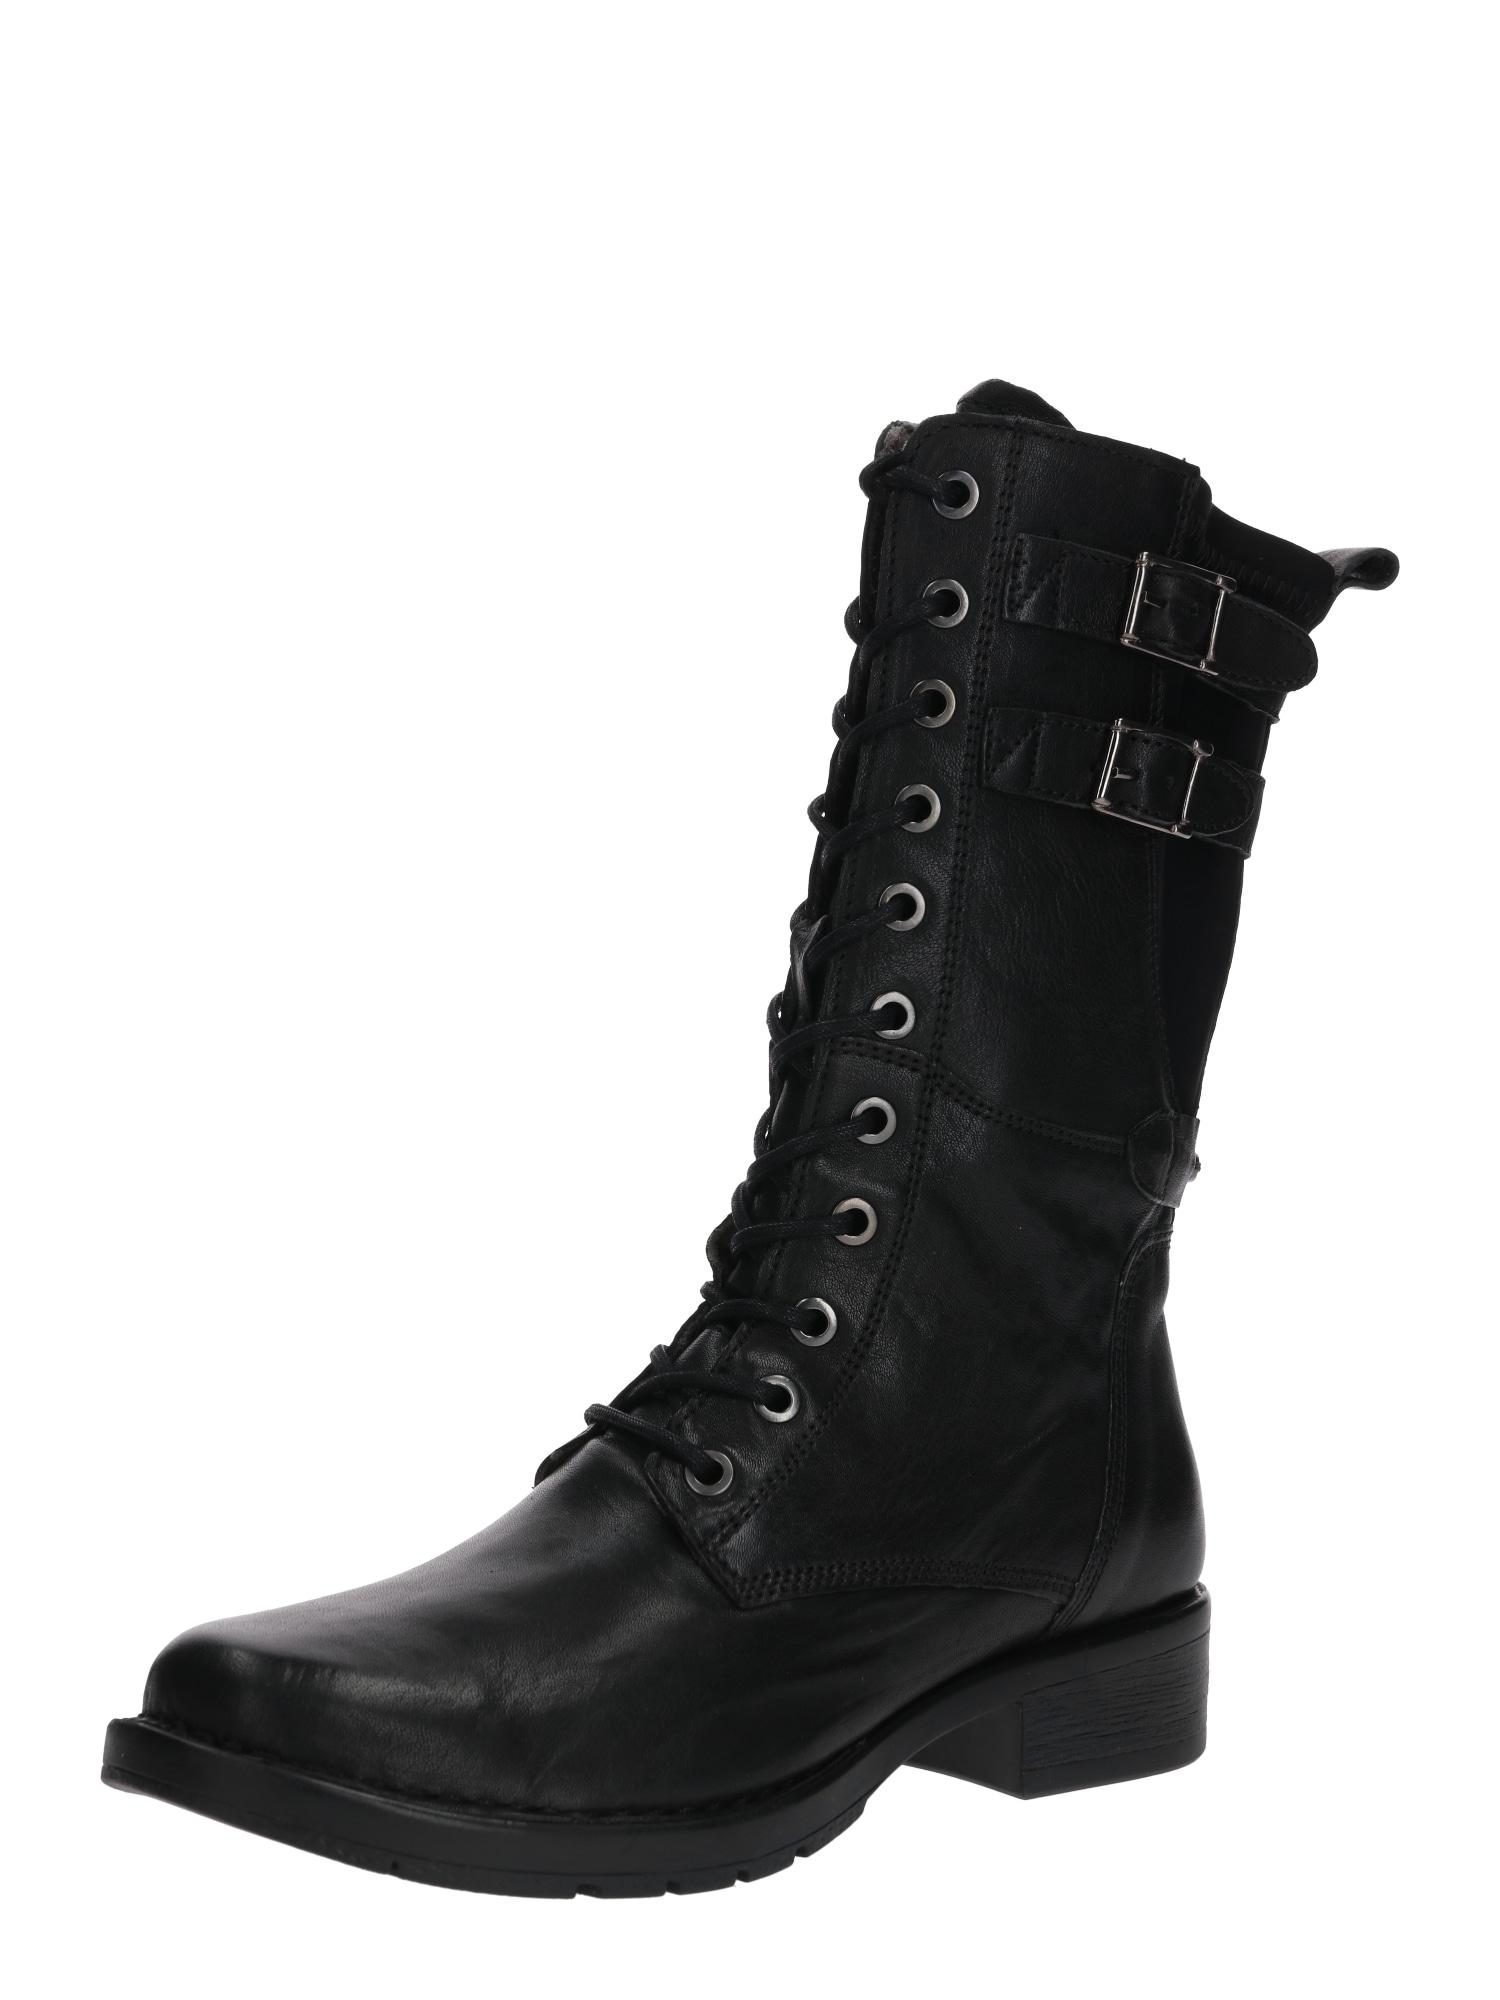 Šněrovací boty Bright černá CAMEL ACTIVE